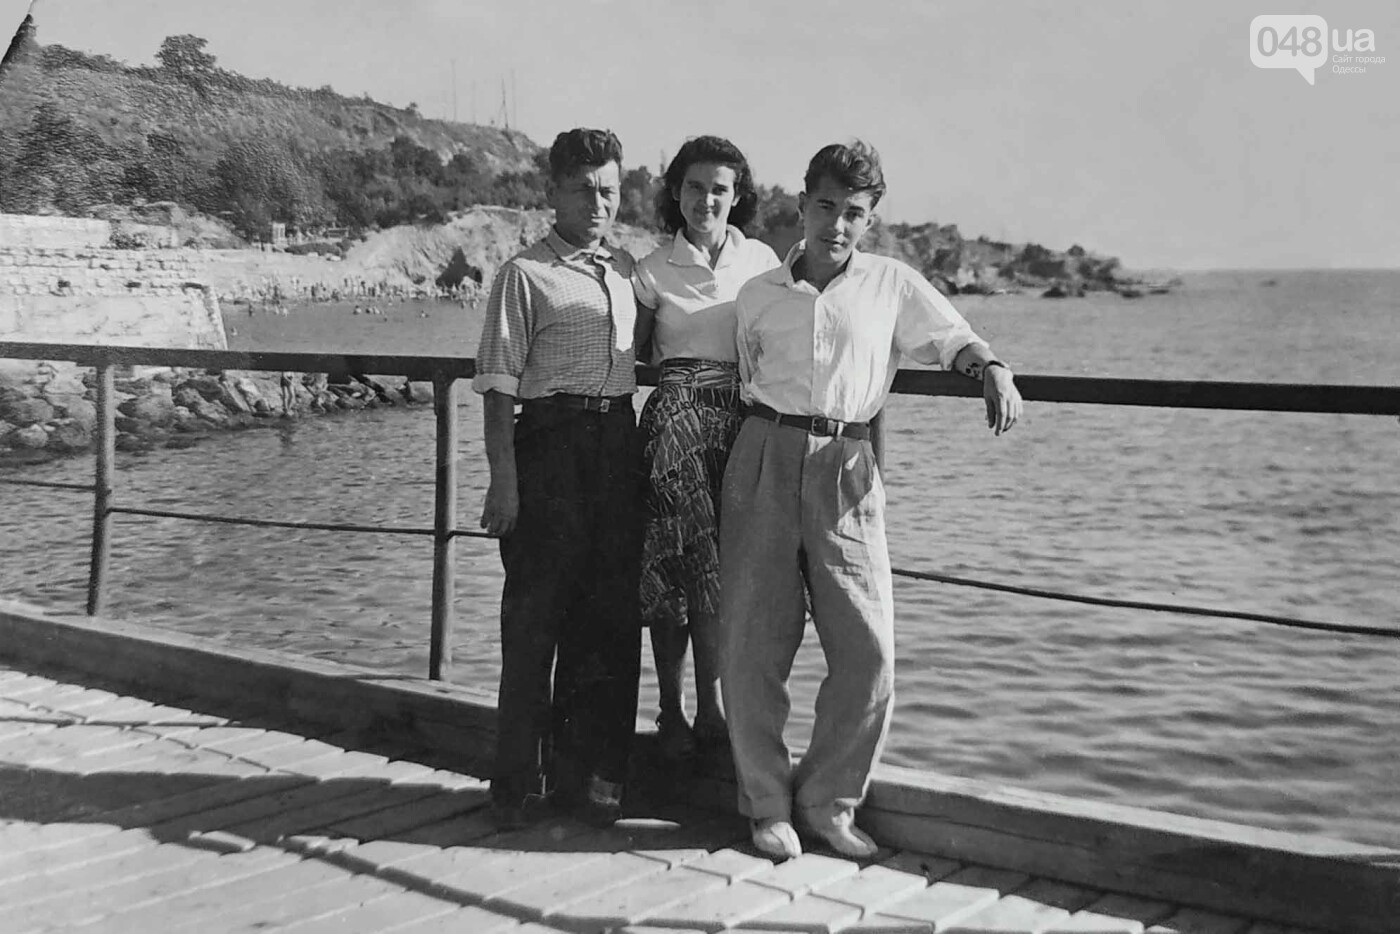 Старая Одесса на стиле: как одевались одесситы много лет назад, - ФОТО, фото-3